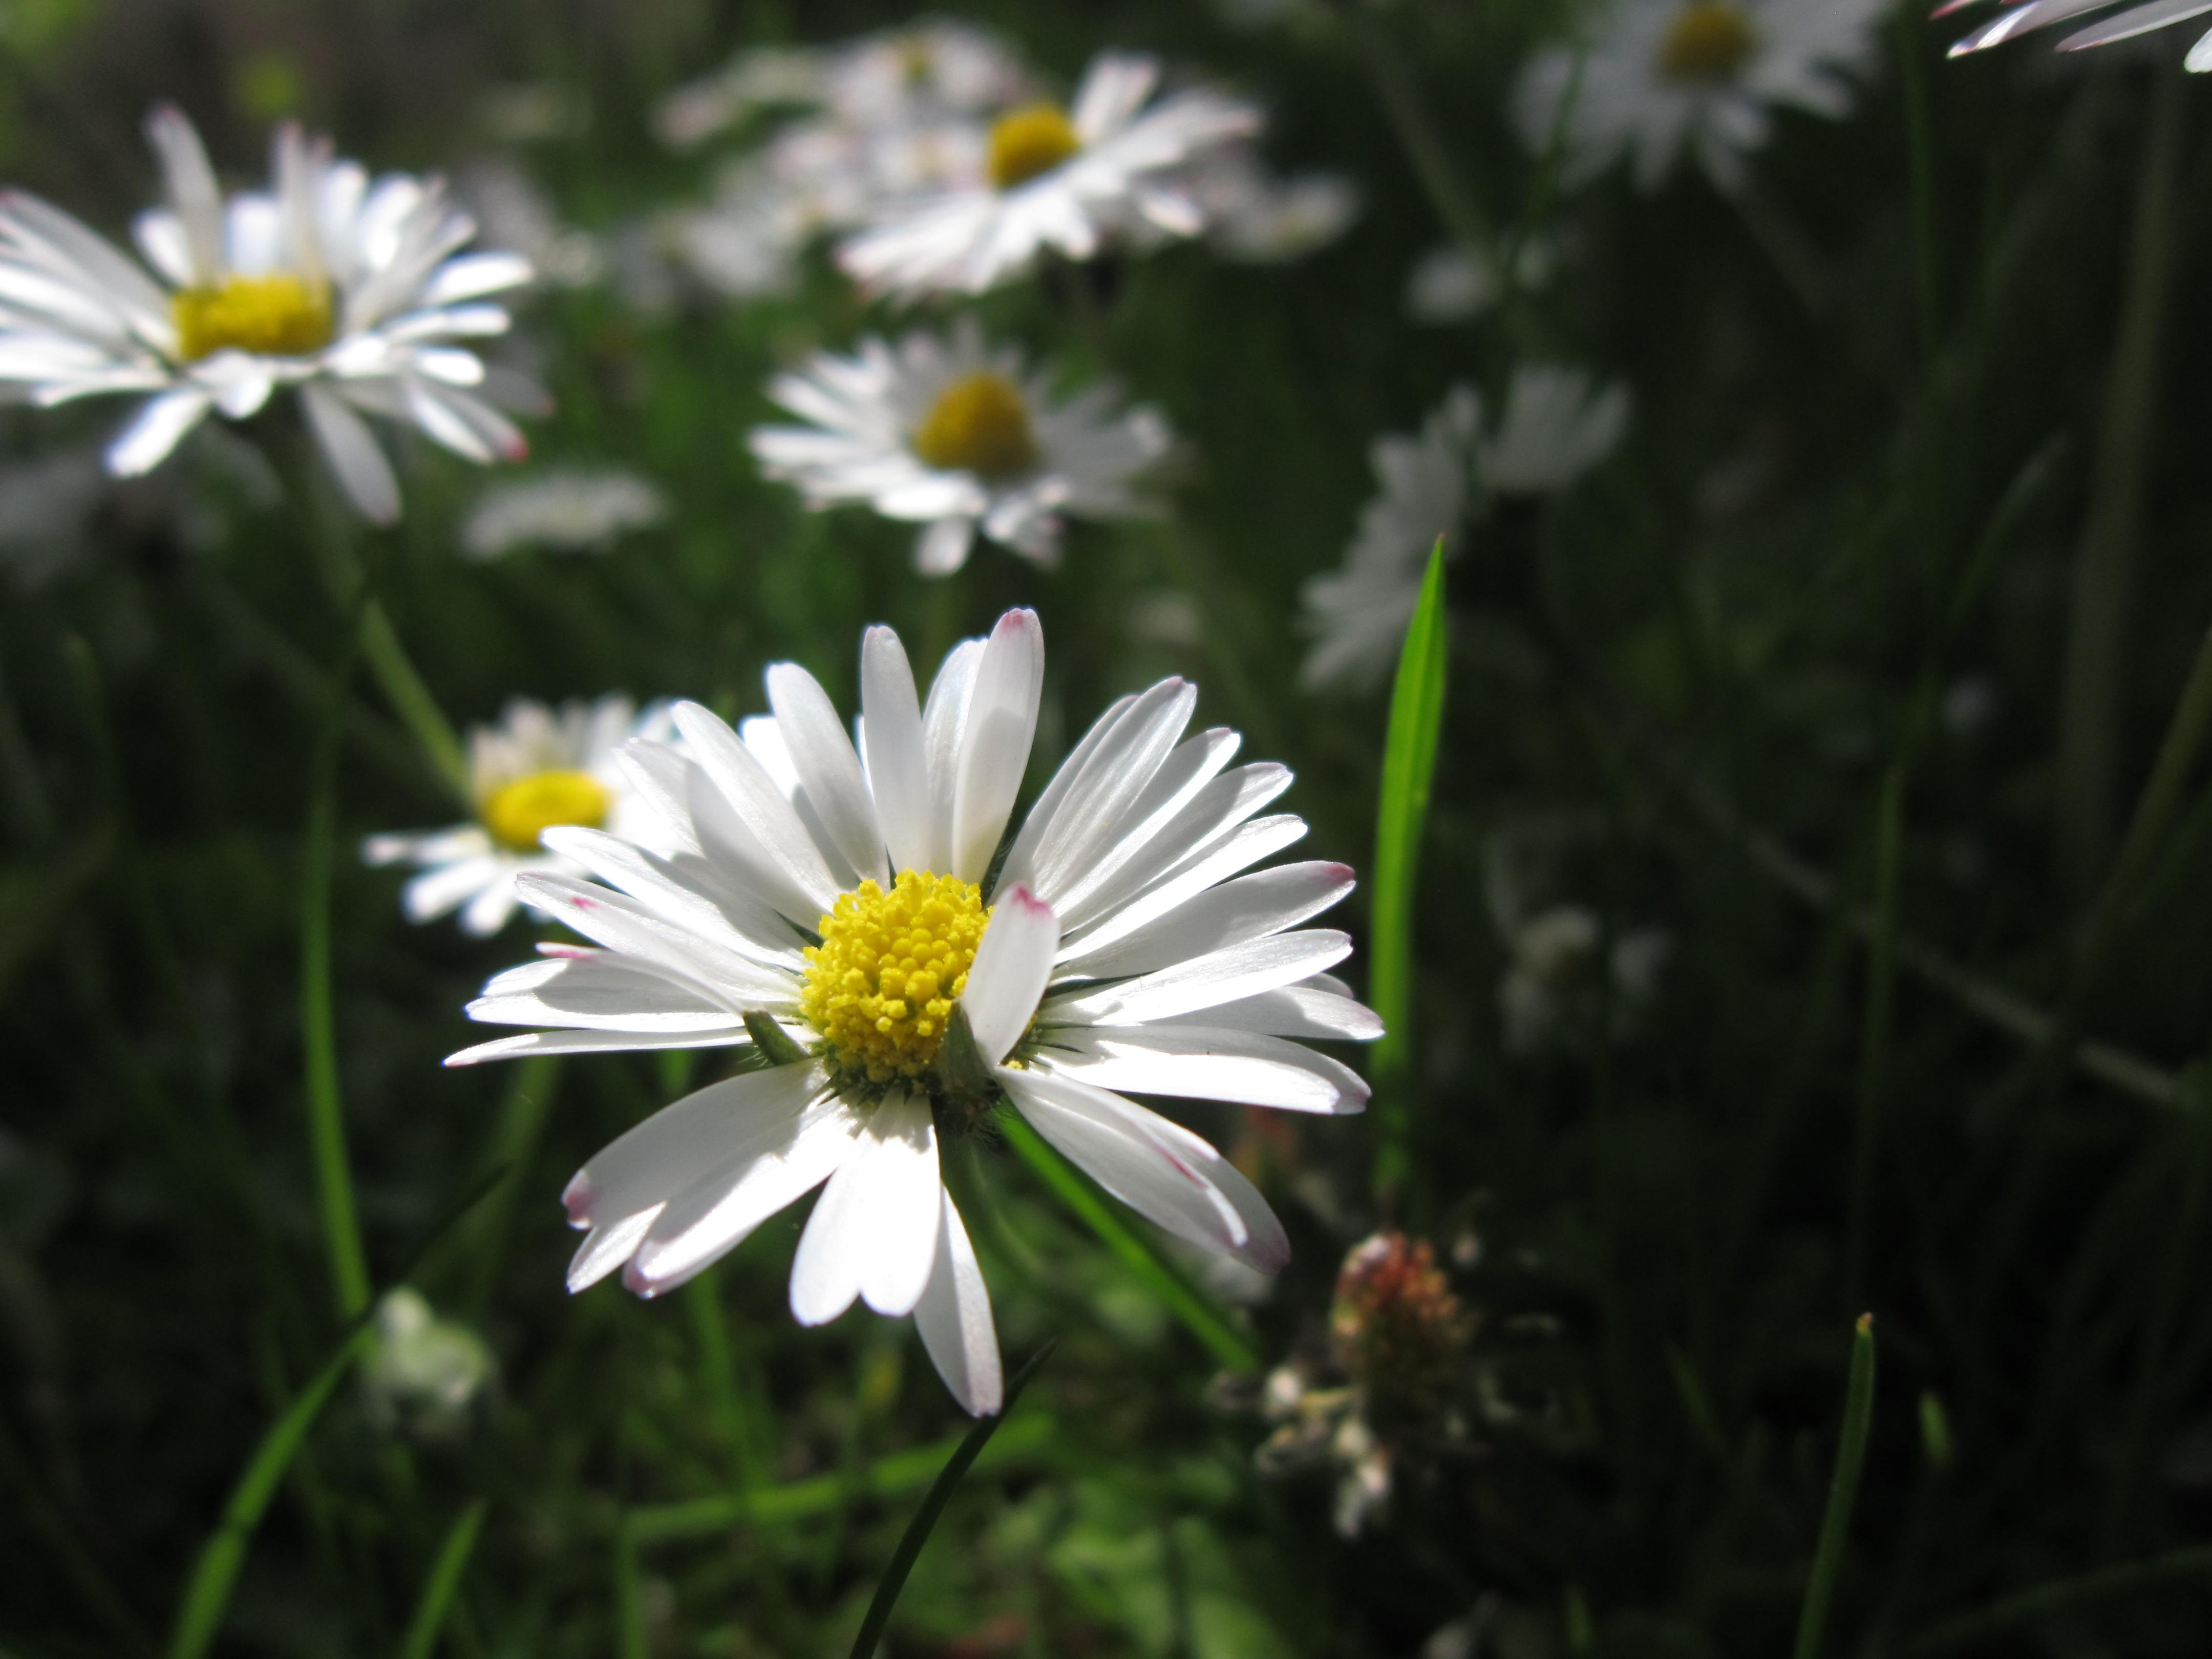 Gambar Mekar Cahaya Menanam Sinar Matahari Putih Bidang Padang Rumput Daun Bunga Berkembang Bunga Aster Musim Semi Kecil Botani Dekat Flora Bunga Liar Kelopak Fotografi Makro Tanaman Berbunga Keluarga Daisy Mata